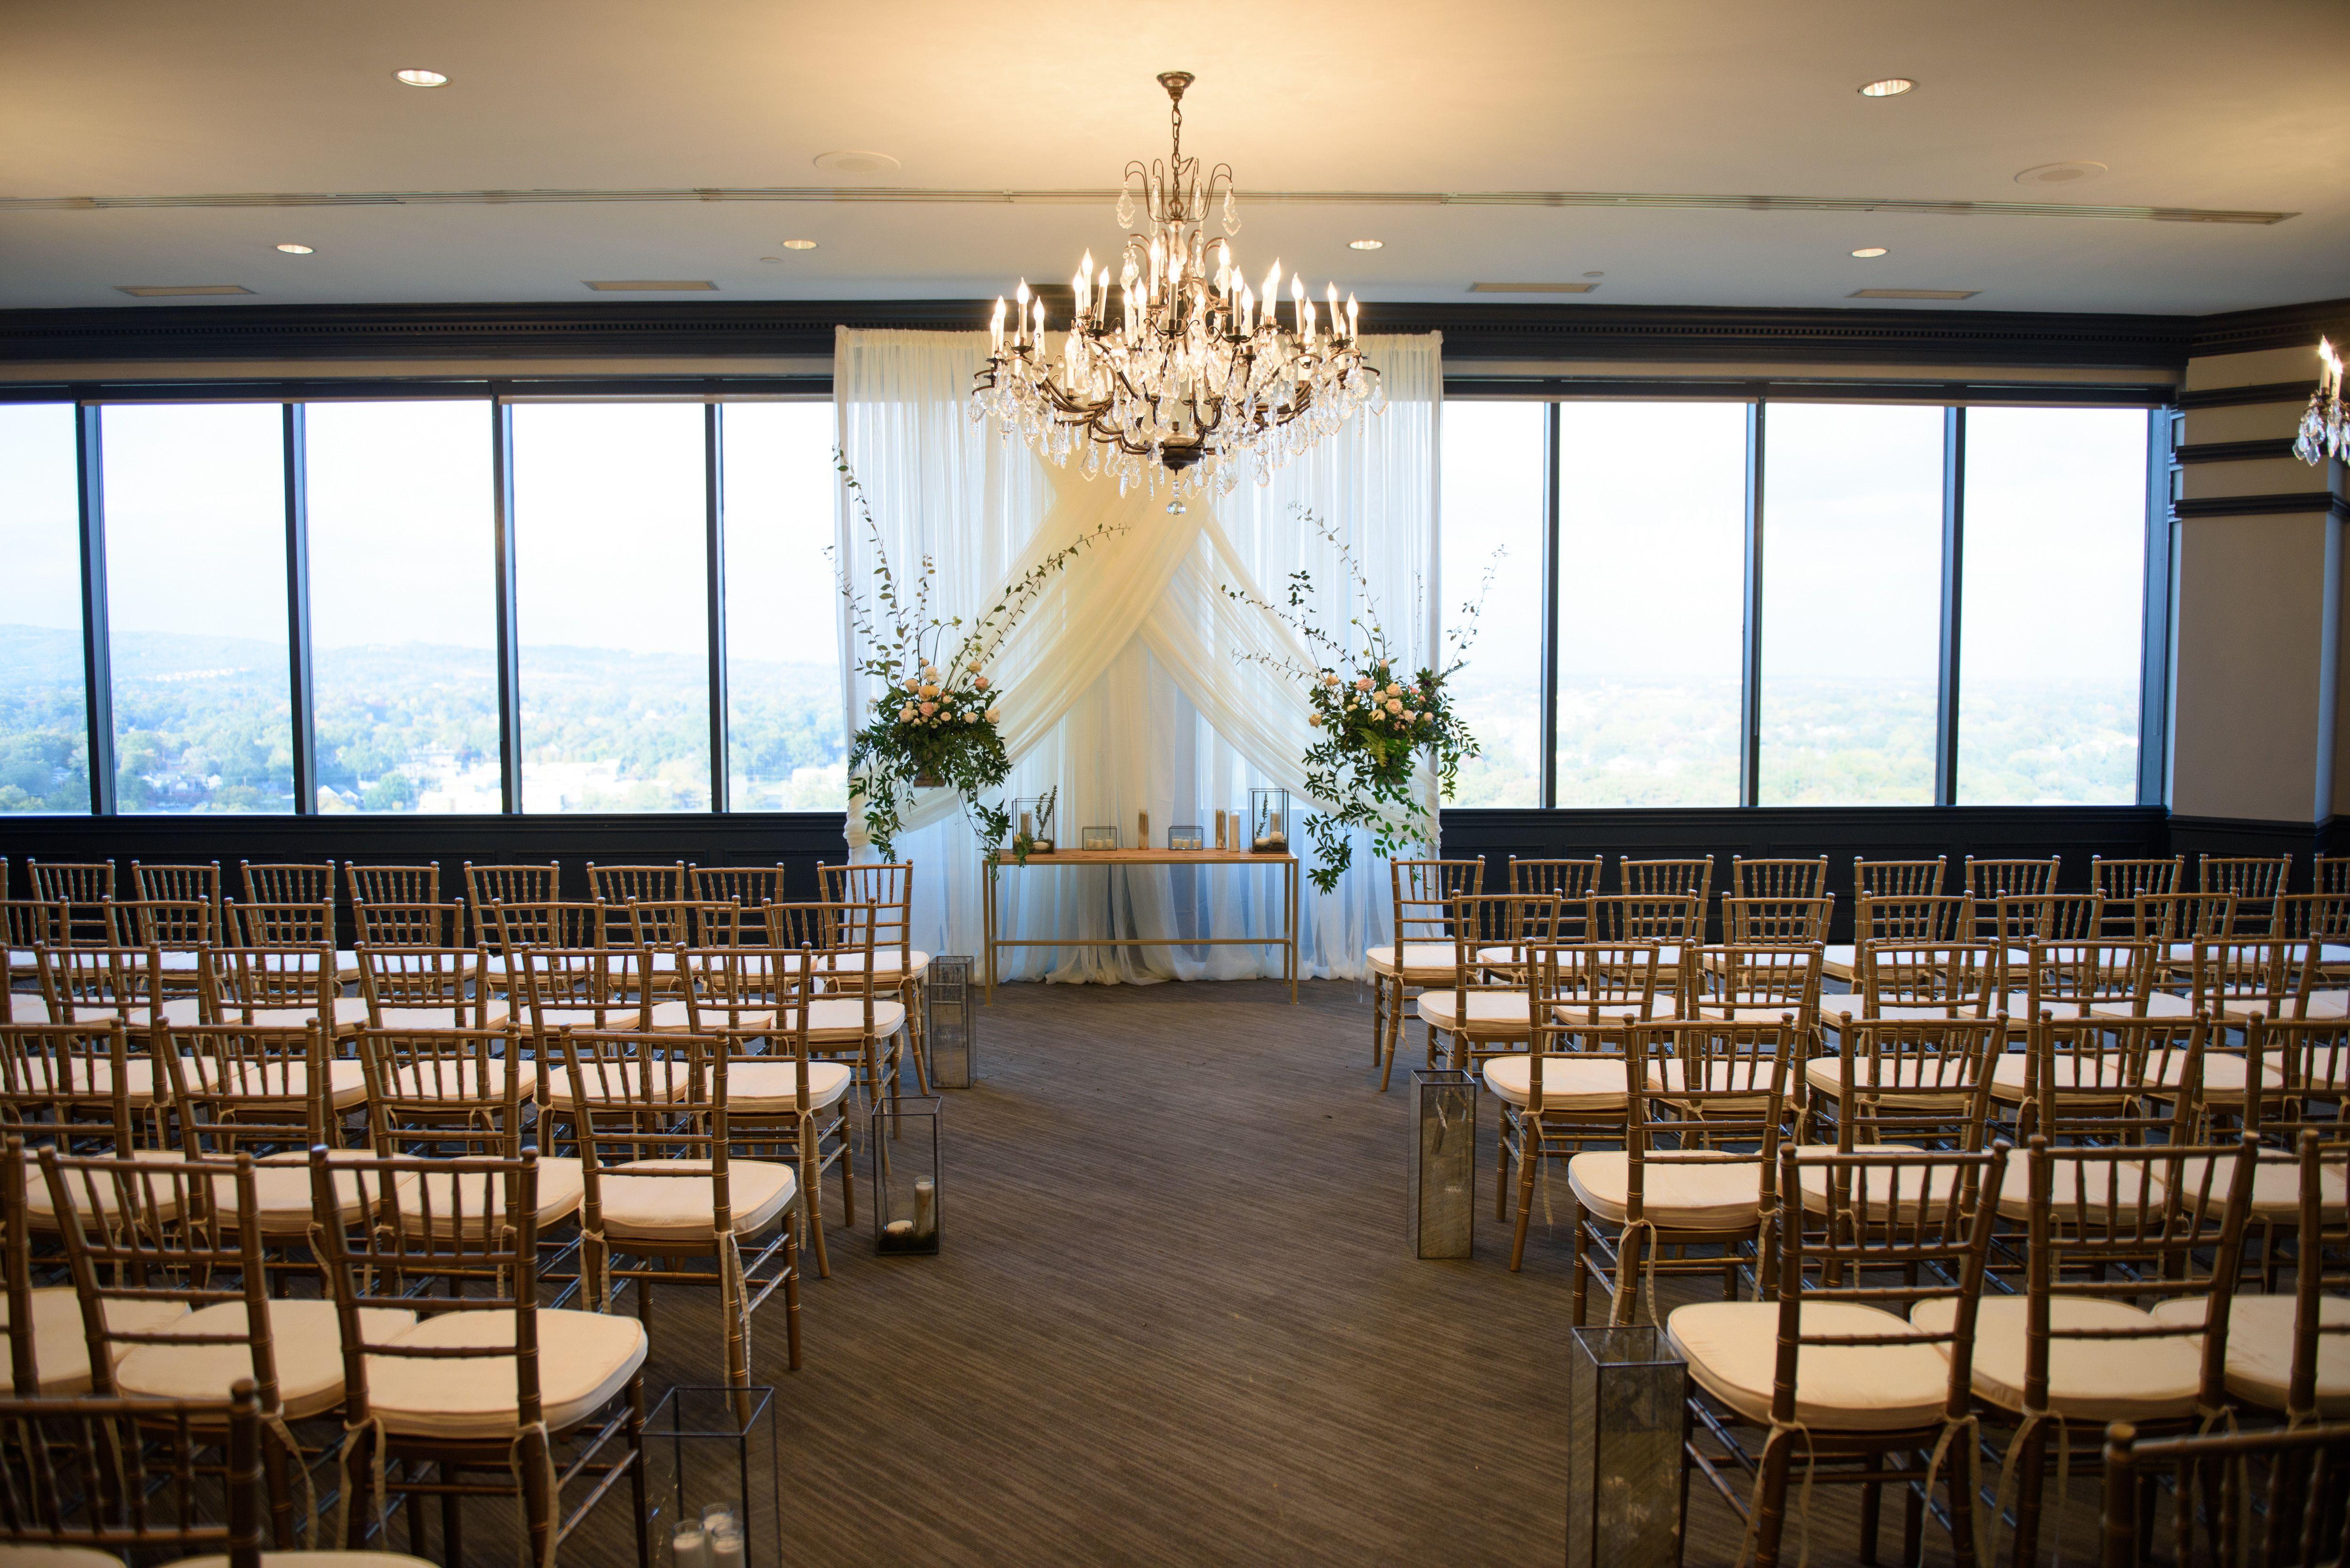 46+ Wedding locations in greenville sc ideas in 2021